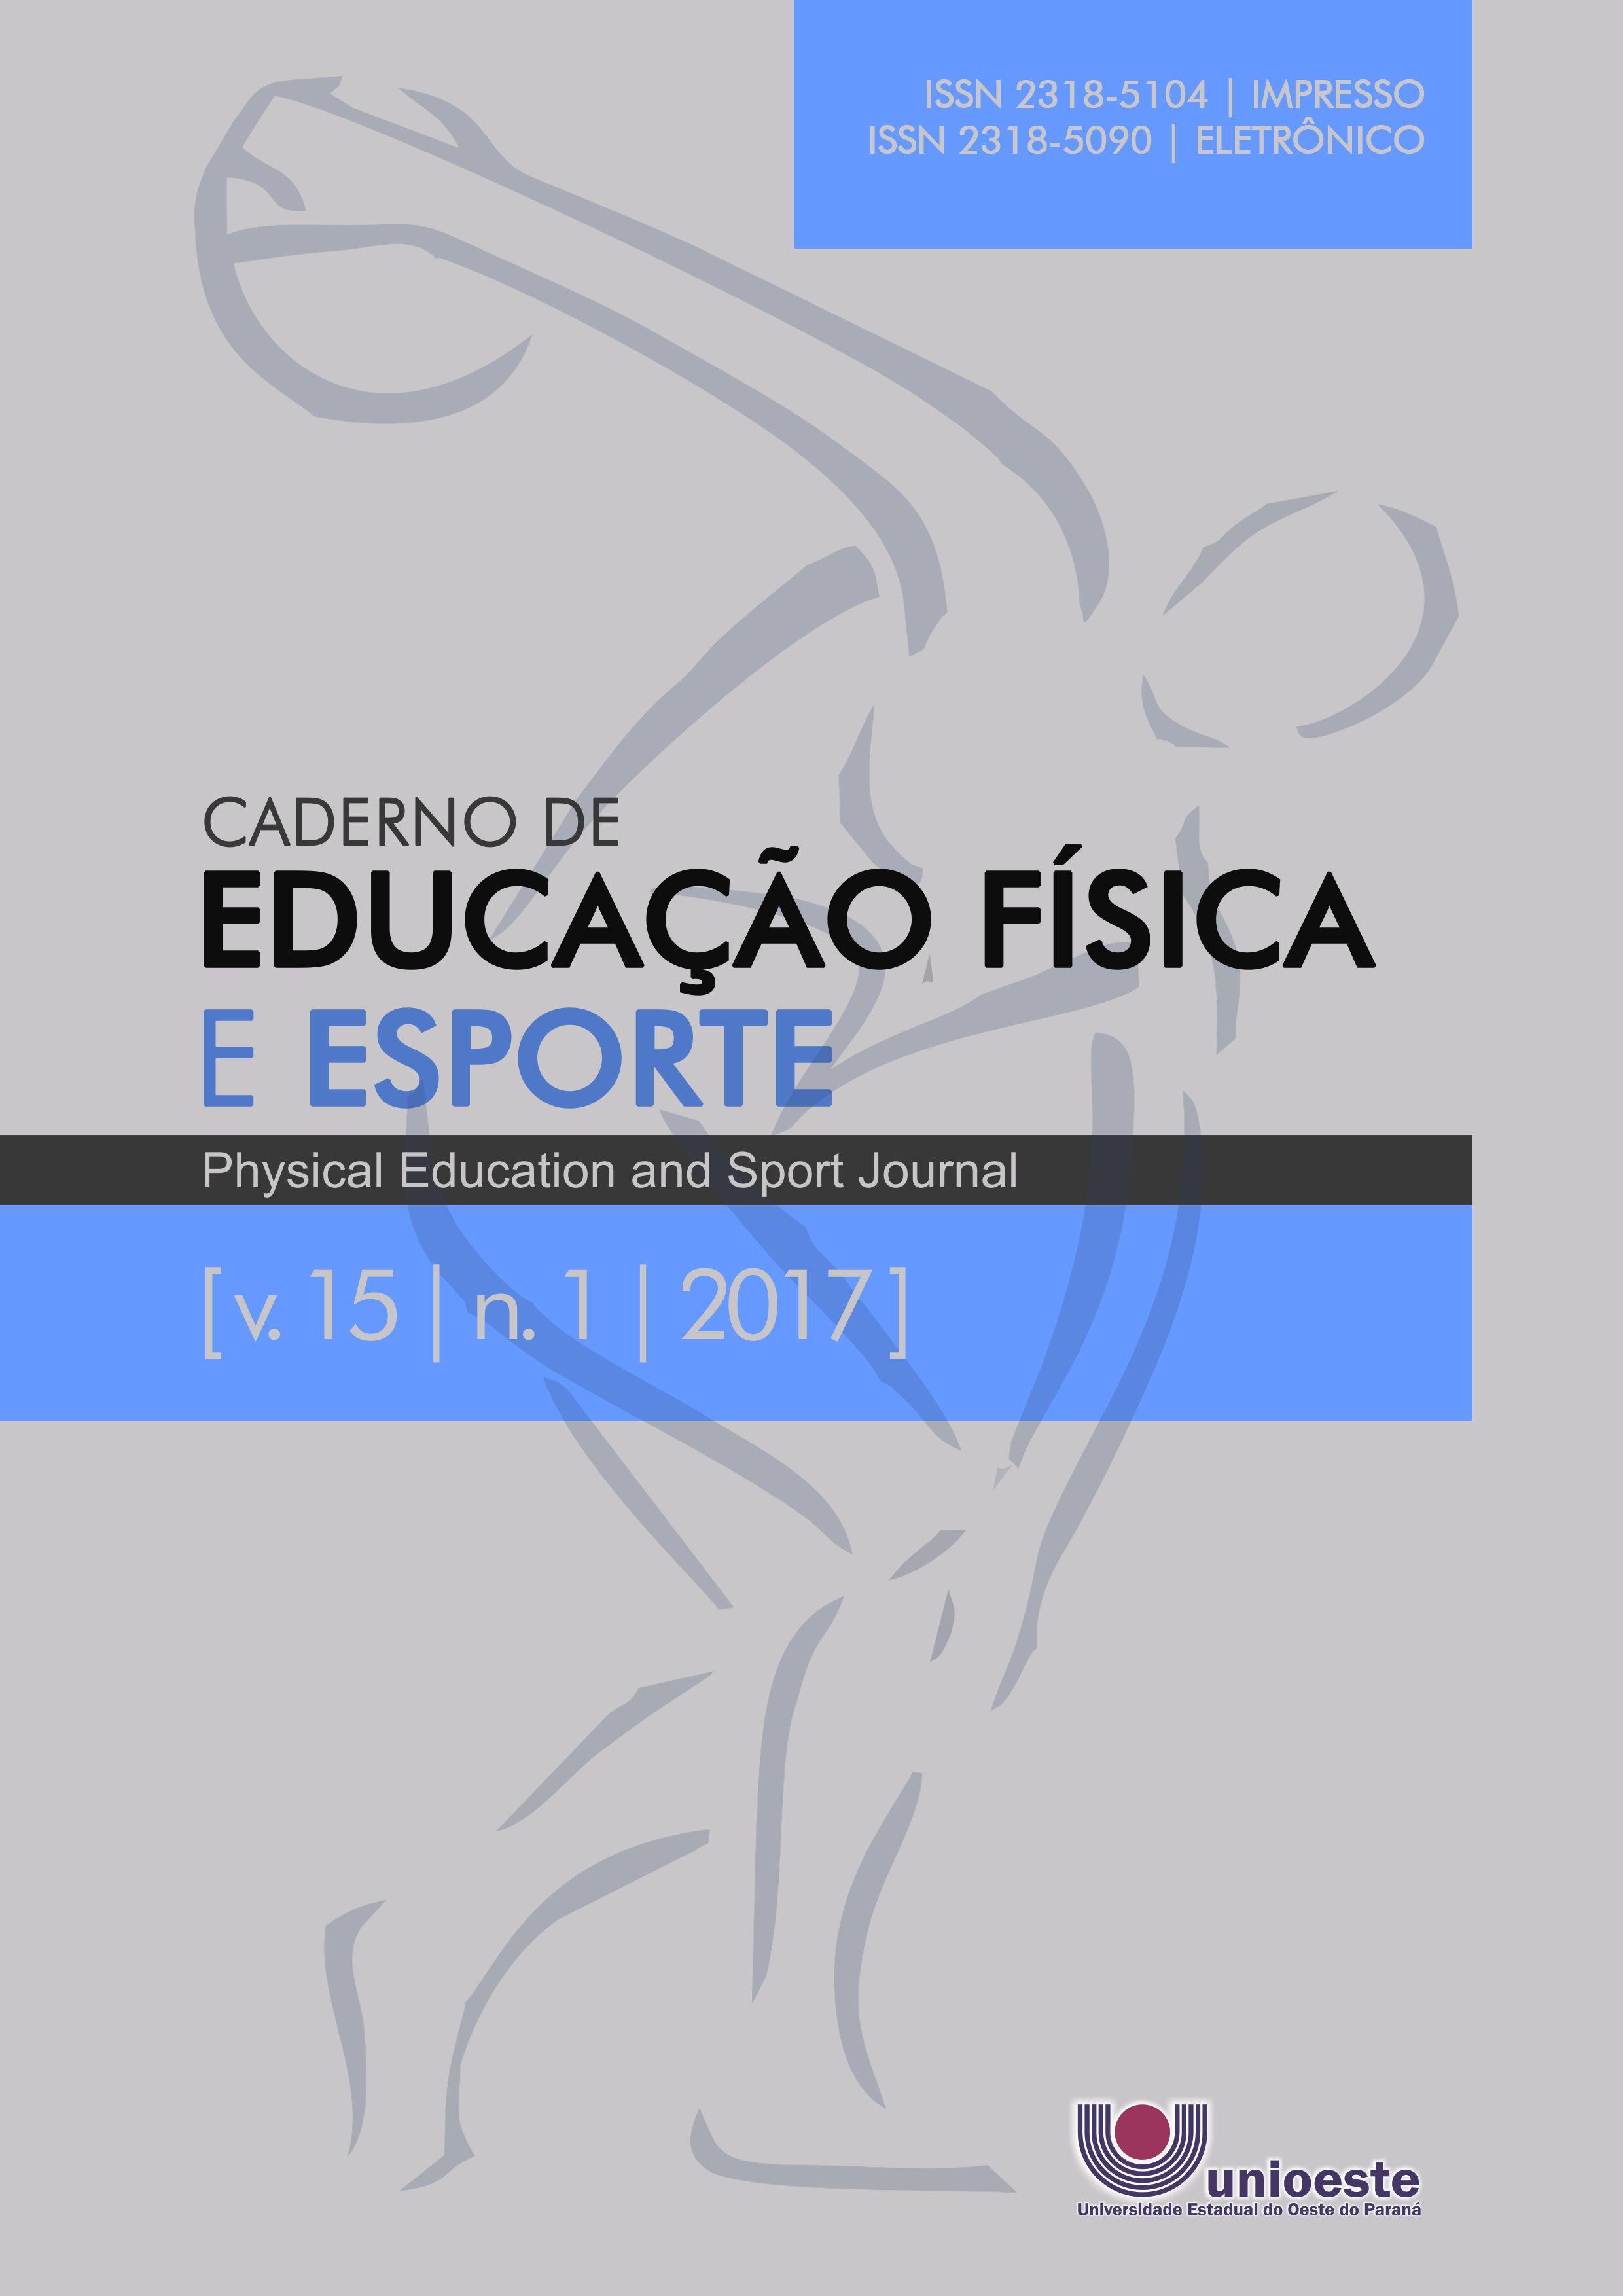 Visualizar v. 15 n. 1 (2017): Caderno de Educação Física e Esporte